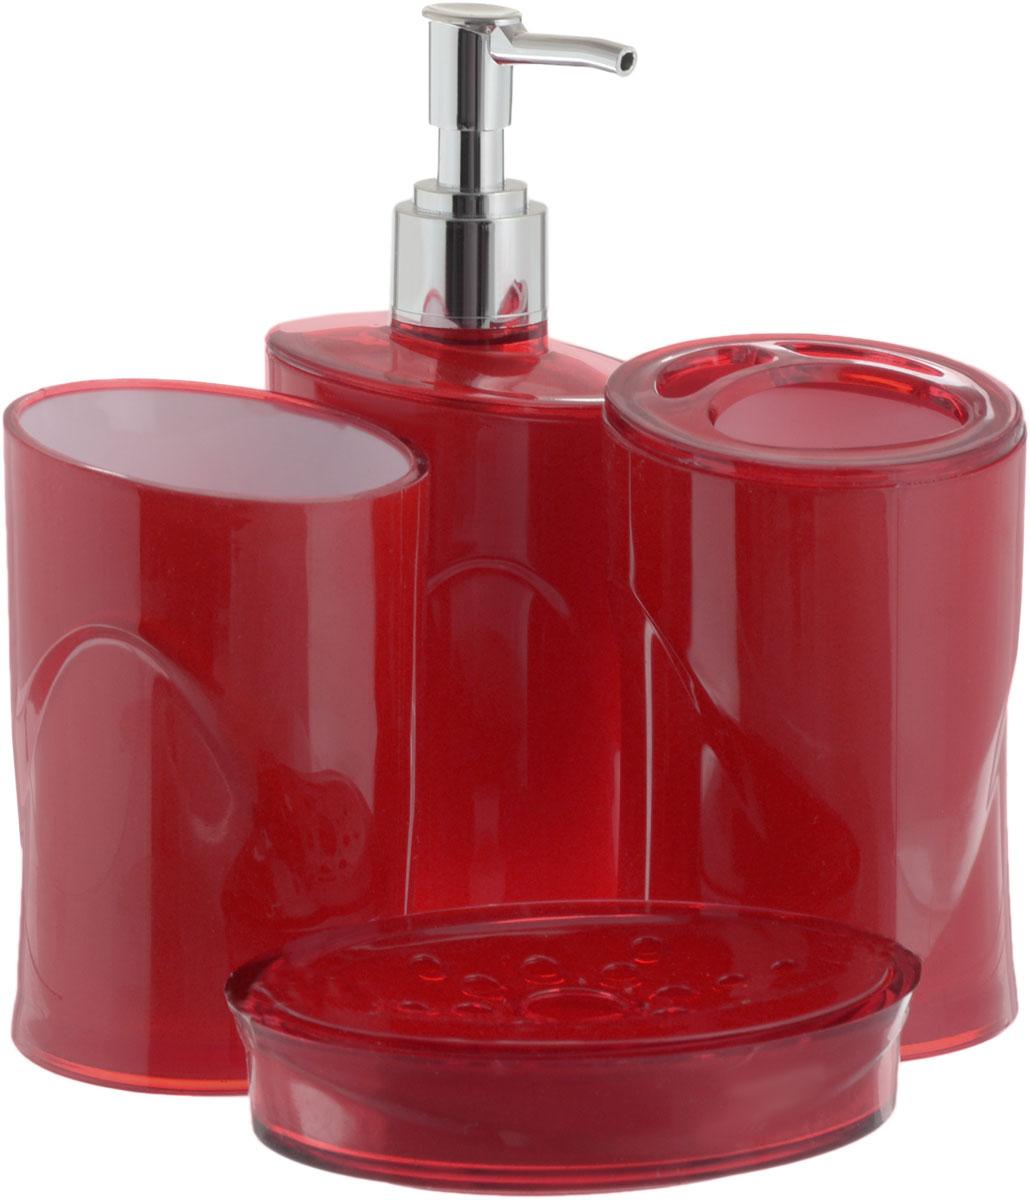 Набор для ванной комнаты Indecor, цвет: красный, 4 предметаUP210DFНабор для ванной комнаты Indecor состоит из стакана, стакана для зубных щеток, дозатора для жидкого мыла и мыльницы. Стаканы, дозатор и мыльница изготовлены из высококачественного пластика. Аксессуары, входящие в набор Indecor, выполняют не только практическую, но и декоративную функцию. Они способны внести в помещение изысканность, сделать пребывание в нем приятным и даже незабываемым. Размер стаканов: 7 х 7 х 11 см.Объем стаканов: 300 мл.Размер дозатора: 7 х 7 х 17,5 см. Объем дозатора: 300 мл.Размер мыльницы: 11,5 х 9 х 3 см.